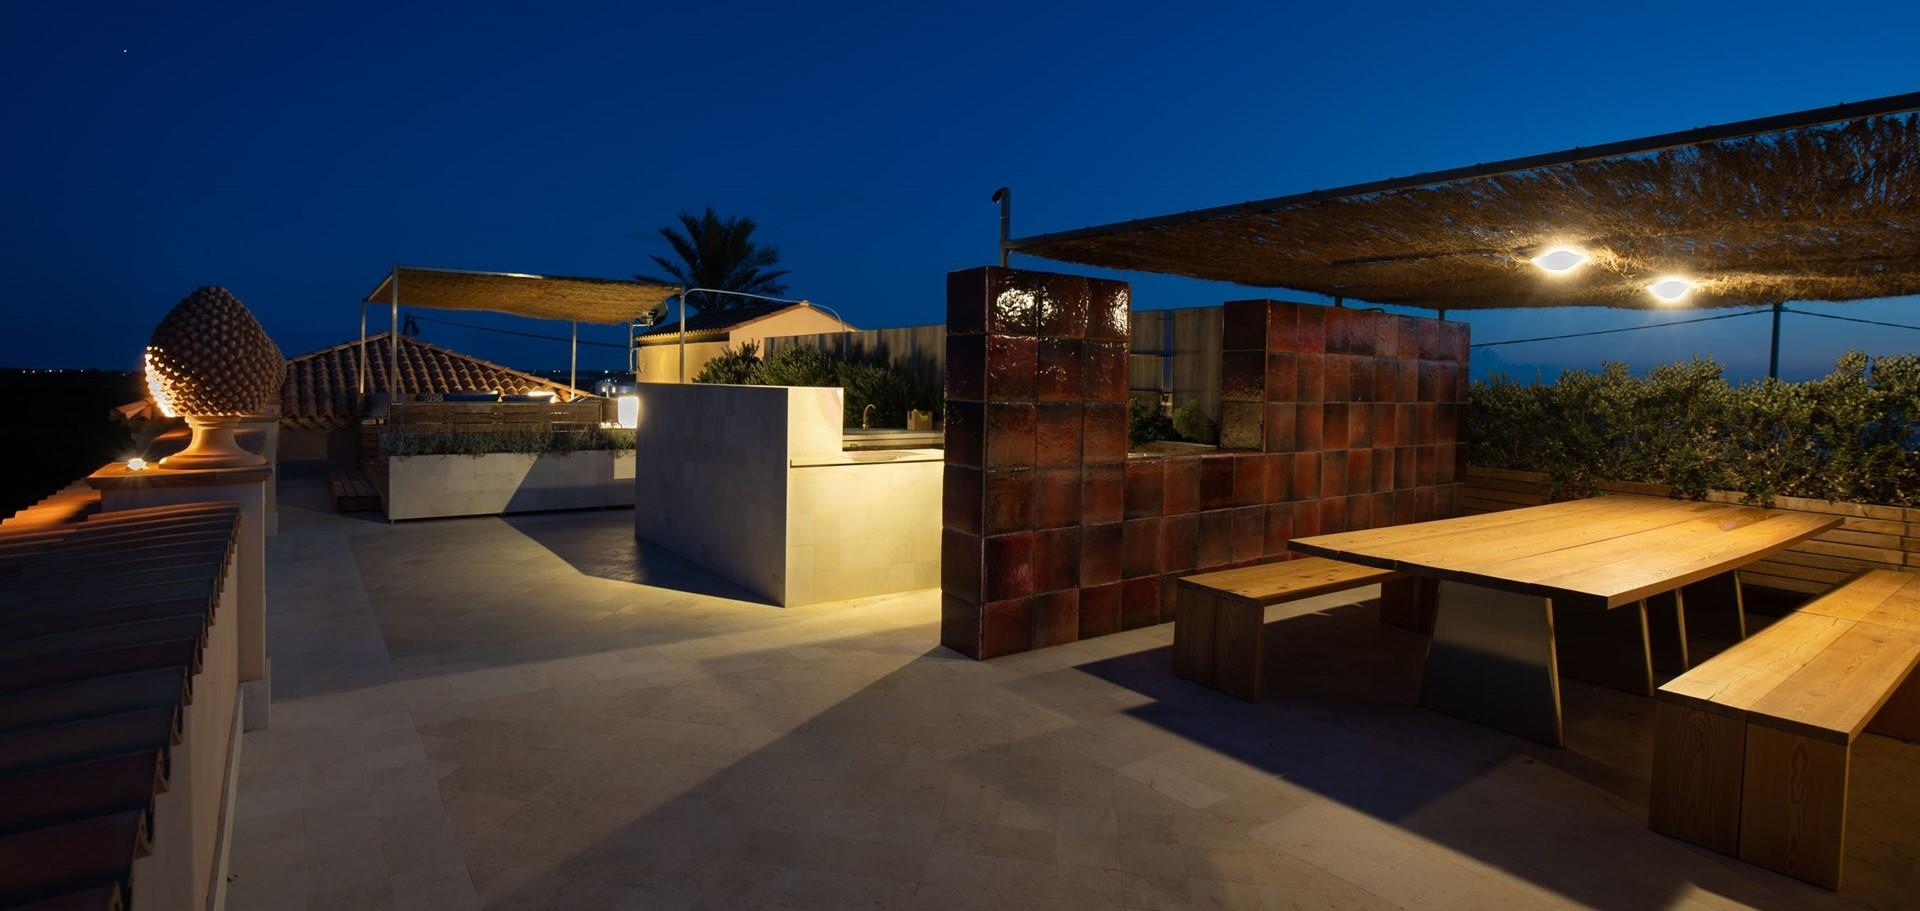 villa-dell-aquila-roof-terrace-living